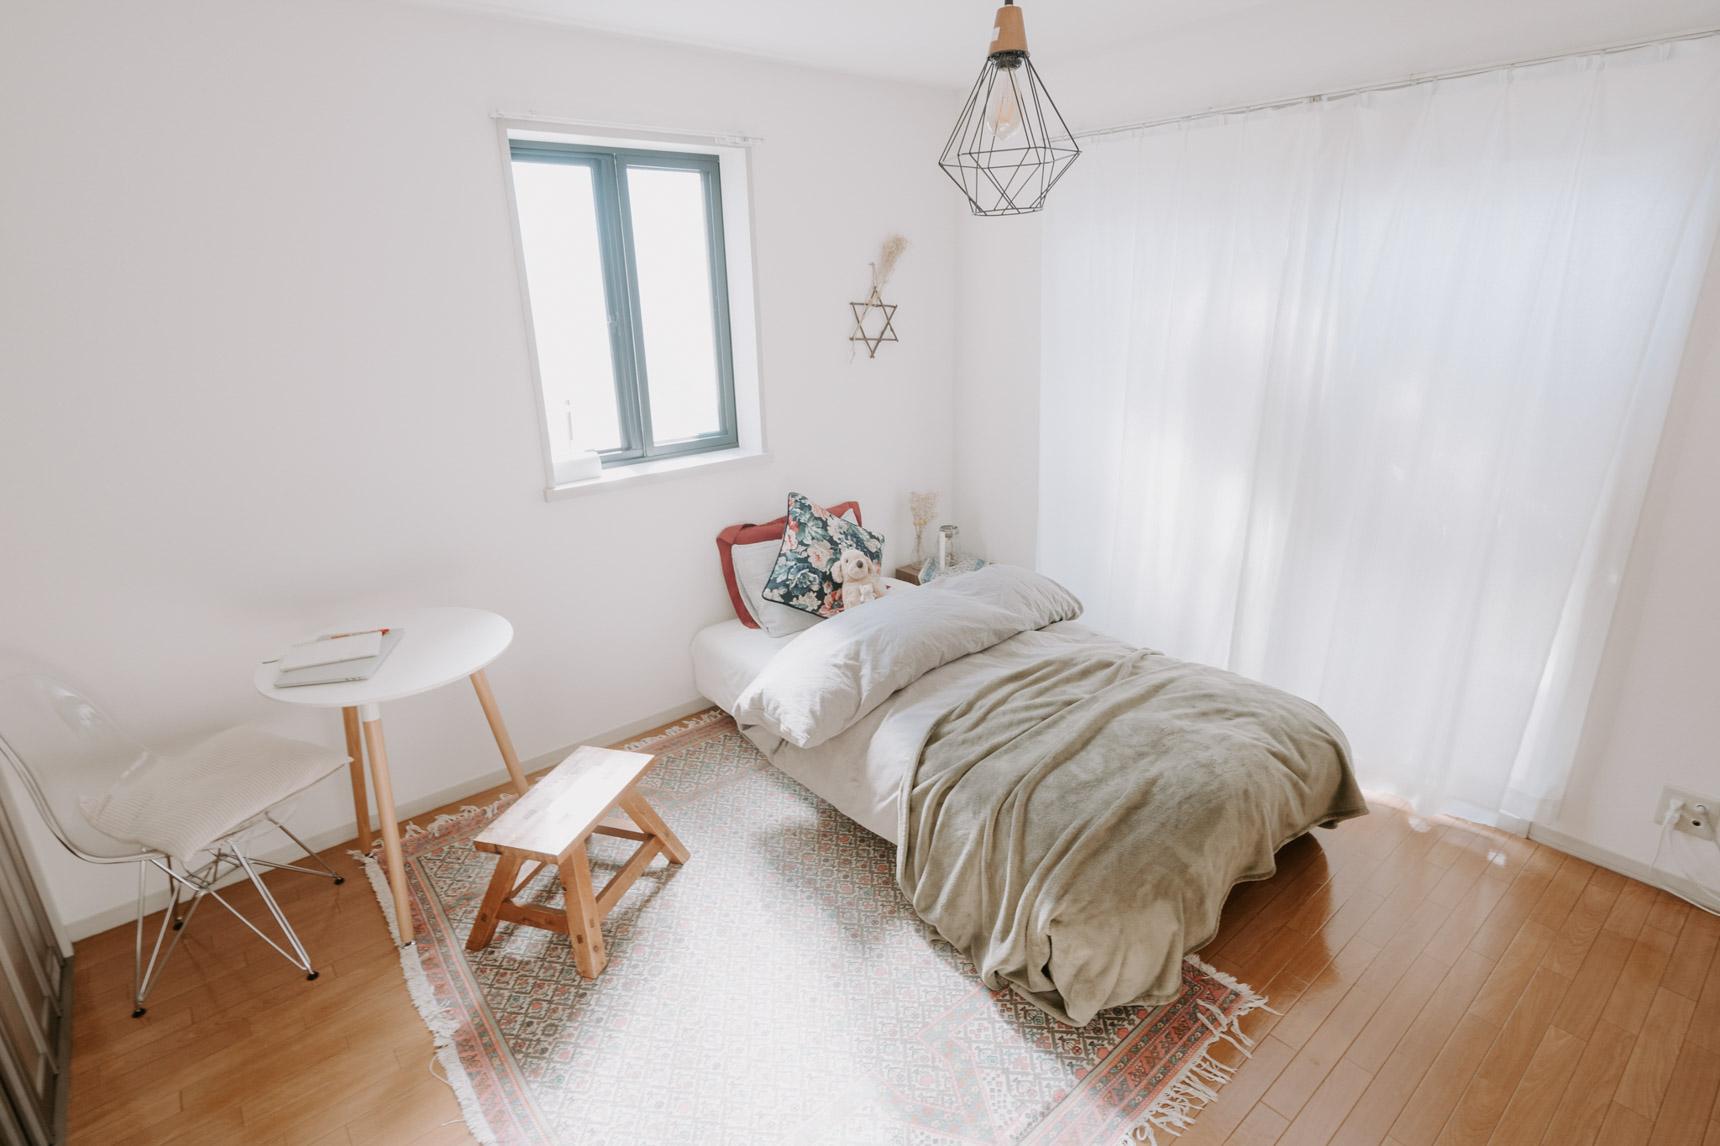 1Kのお部屋で暮らす、おにょこさんの事例。部屋の角にちょこんとあるのが、イームズリプロダクトのチェアとテーブル。このぐらいのコンパクトさなら一人暮らしでもちょうどいいサイズ!